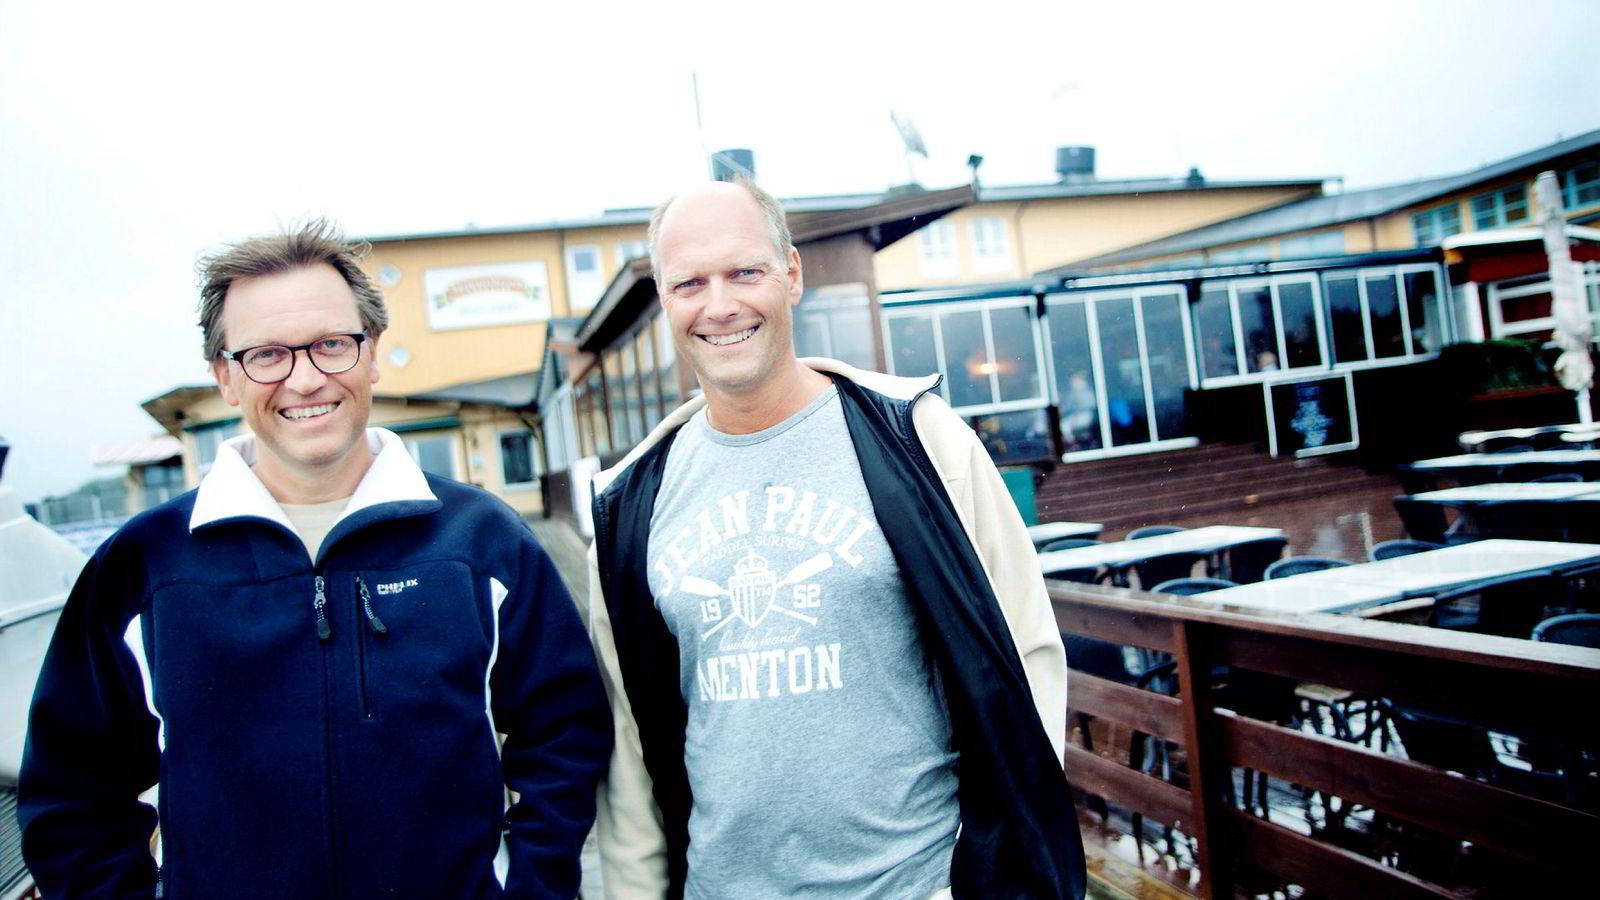 Fra venstre: Kristian og Roger Adolfsen drar inn 2,75 milliarder kroner på salg av en stor barnehageeiendomsportefølje.